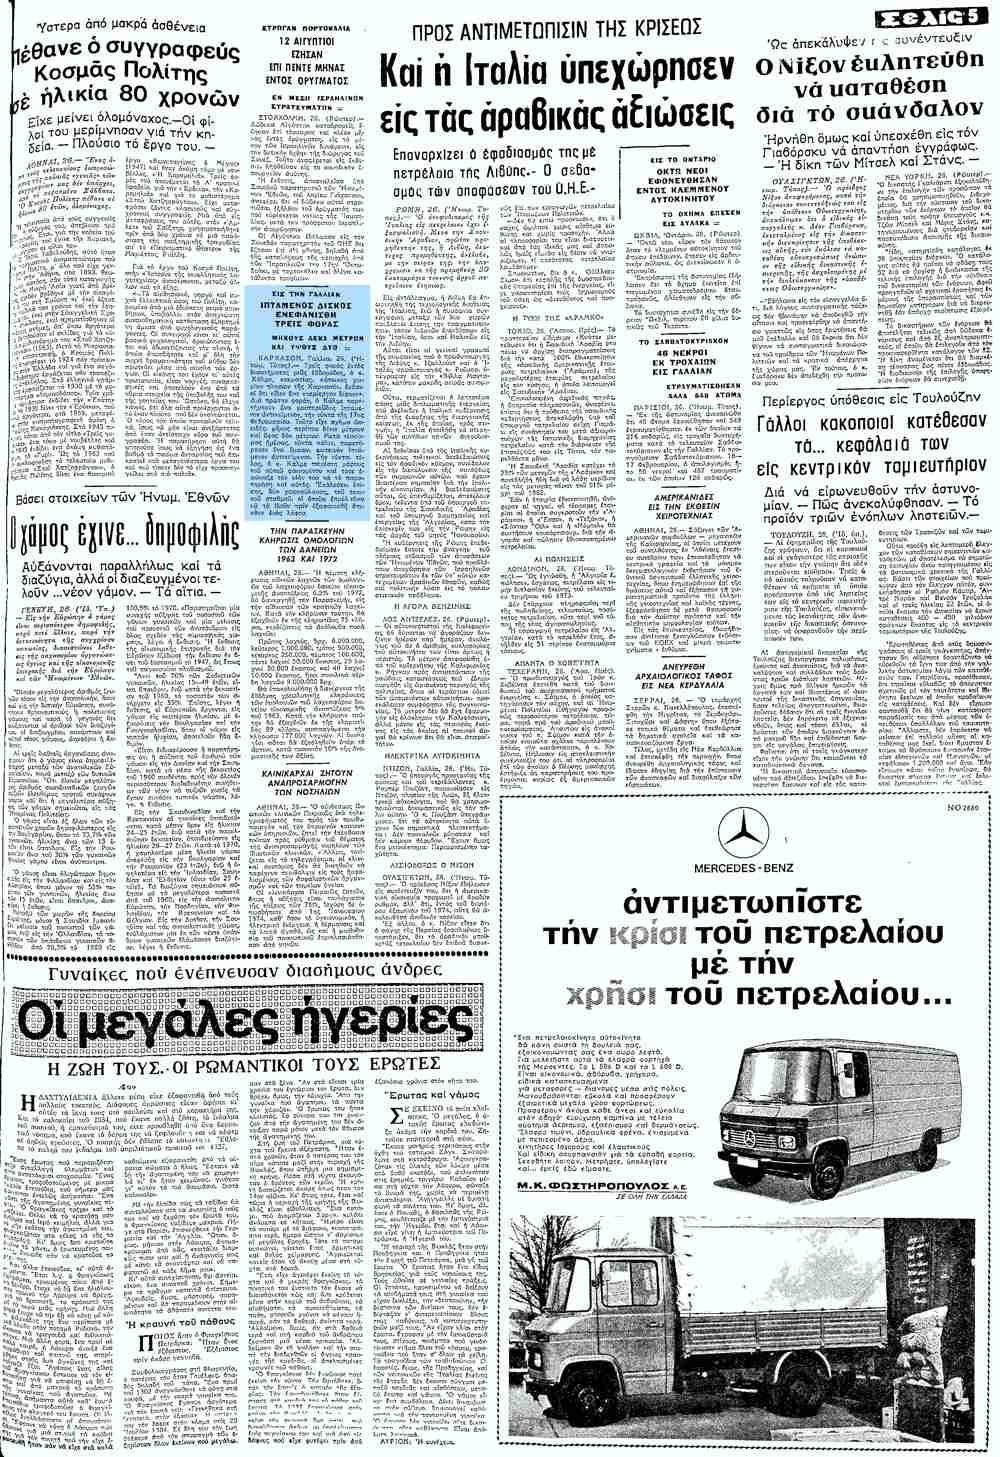 """Το άρθρο, όπως δημοσιεύθηκε στην εφημερίδα """"ΜΑΚΕΔΟΝΙΑ"""", στις 27/02/1974"""